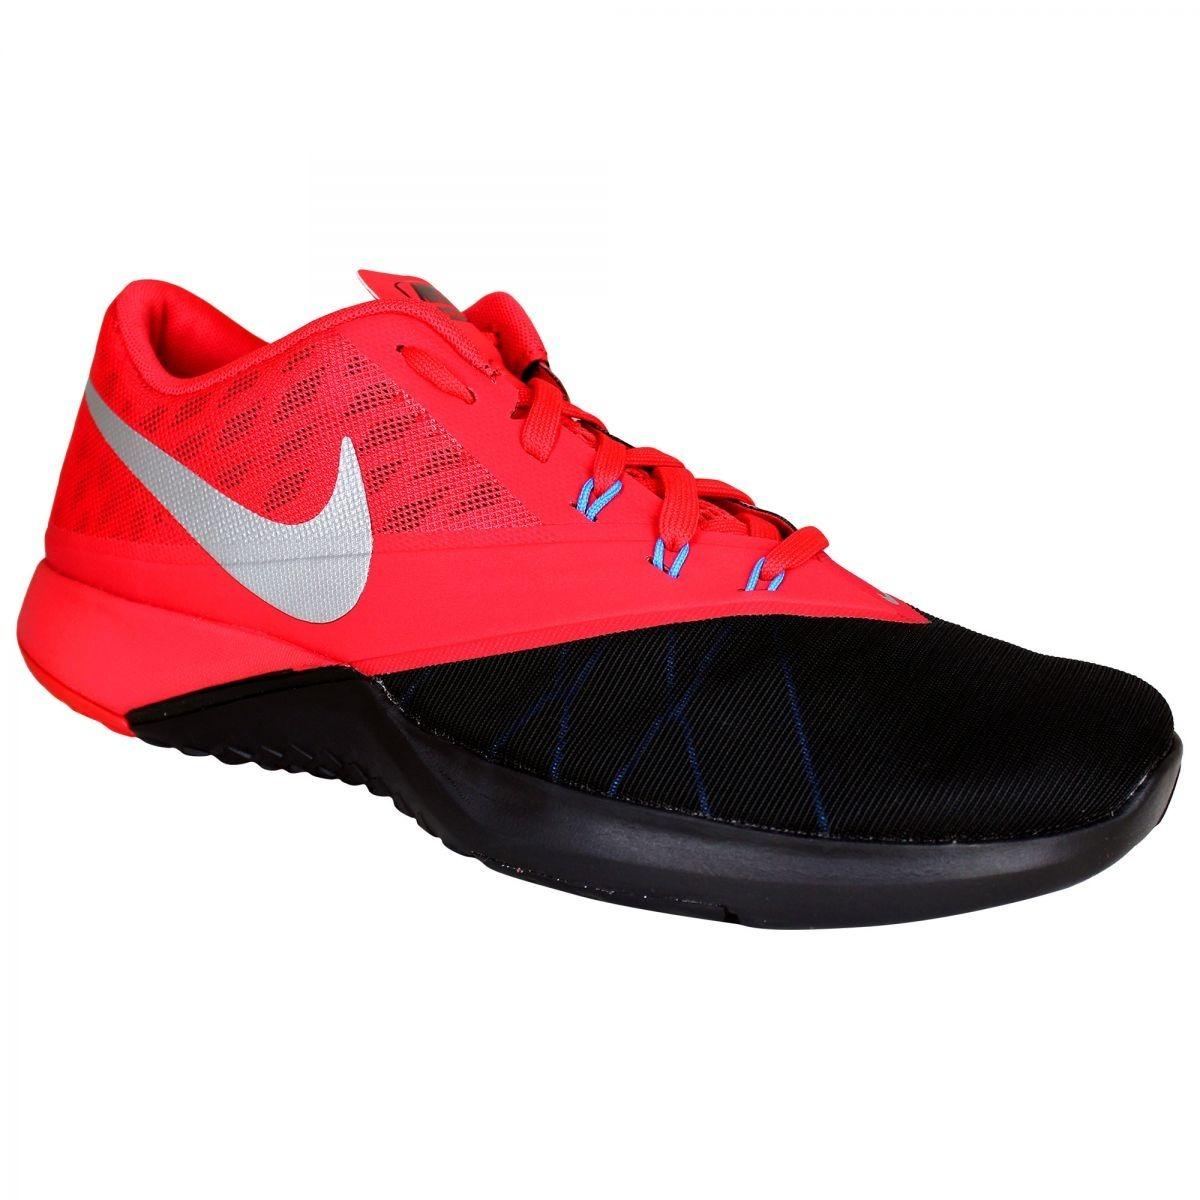 9acfb06560 Tênis Nike Fs Lite Trainer 4 - Preto vermelho - Frete Grátis - R ...